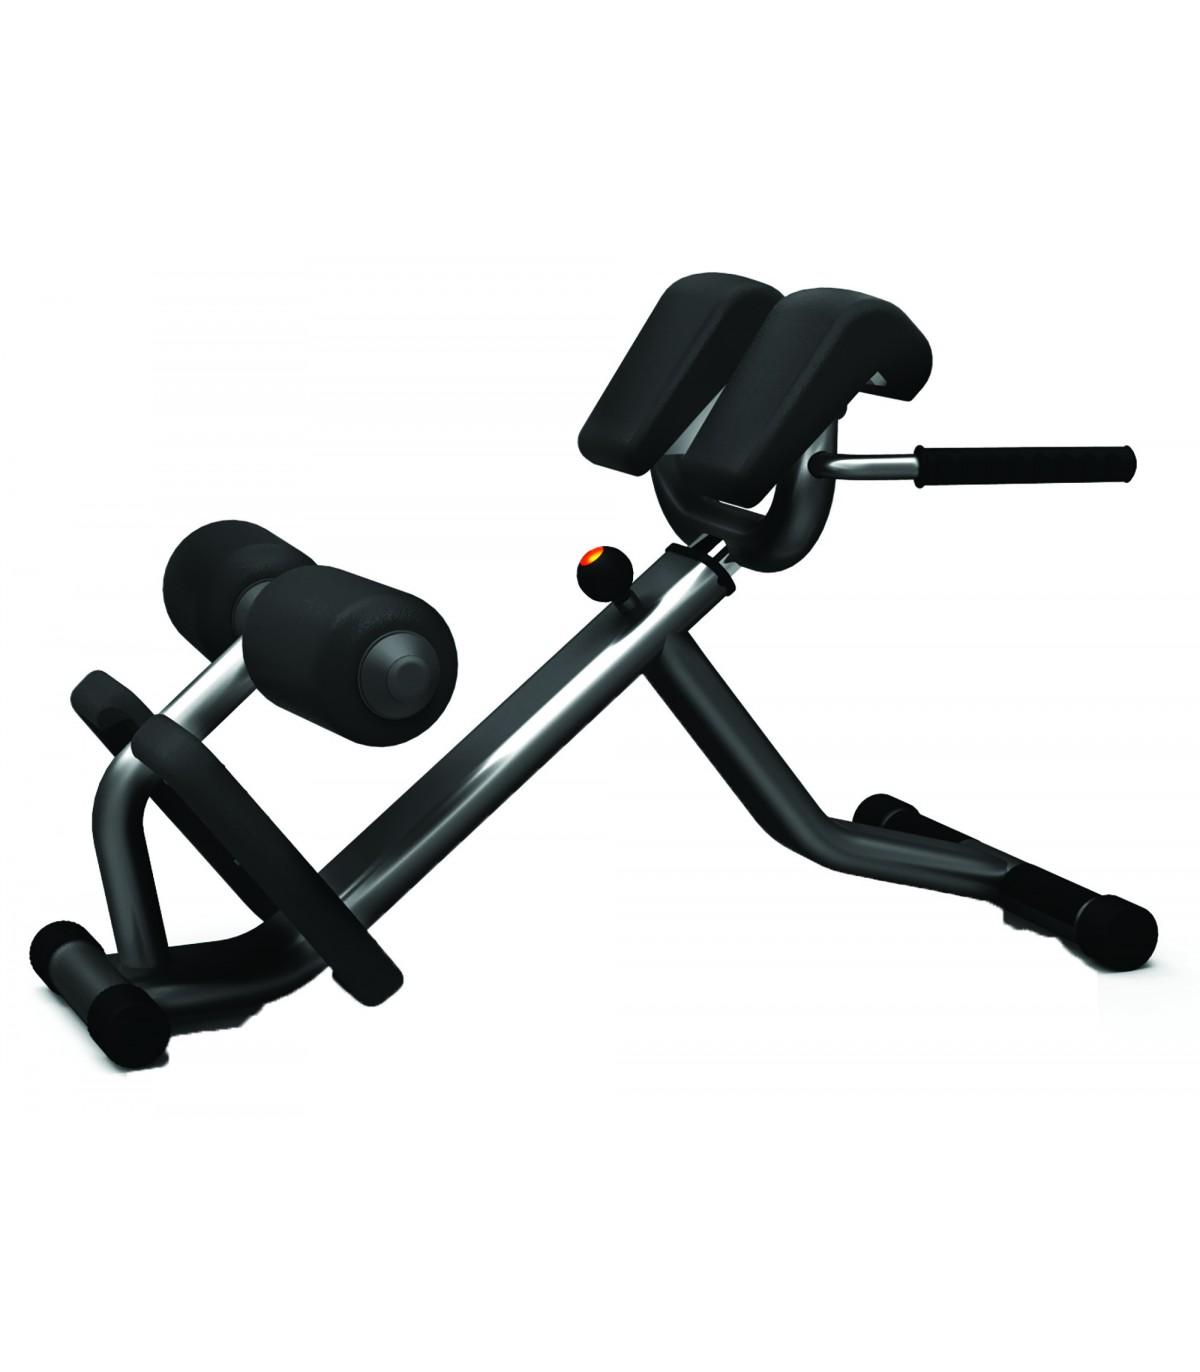 Banc De Musculation Professionnel Lombaires Care Fitness